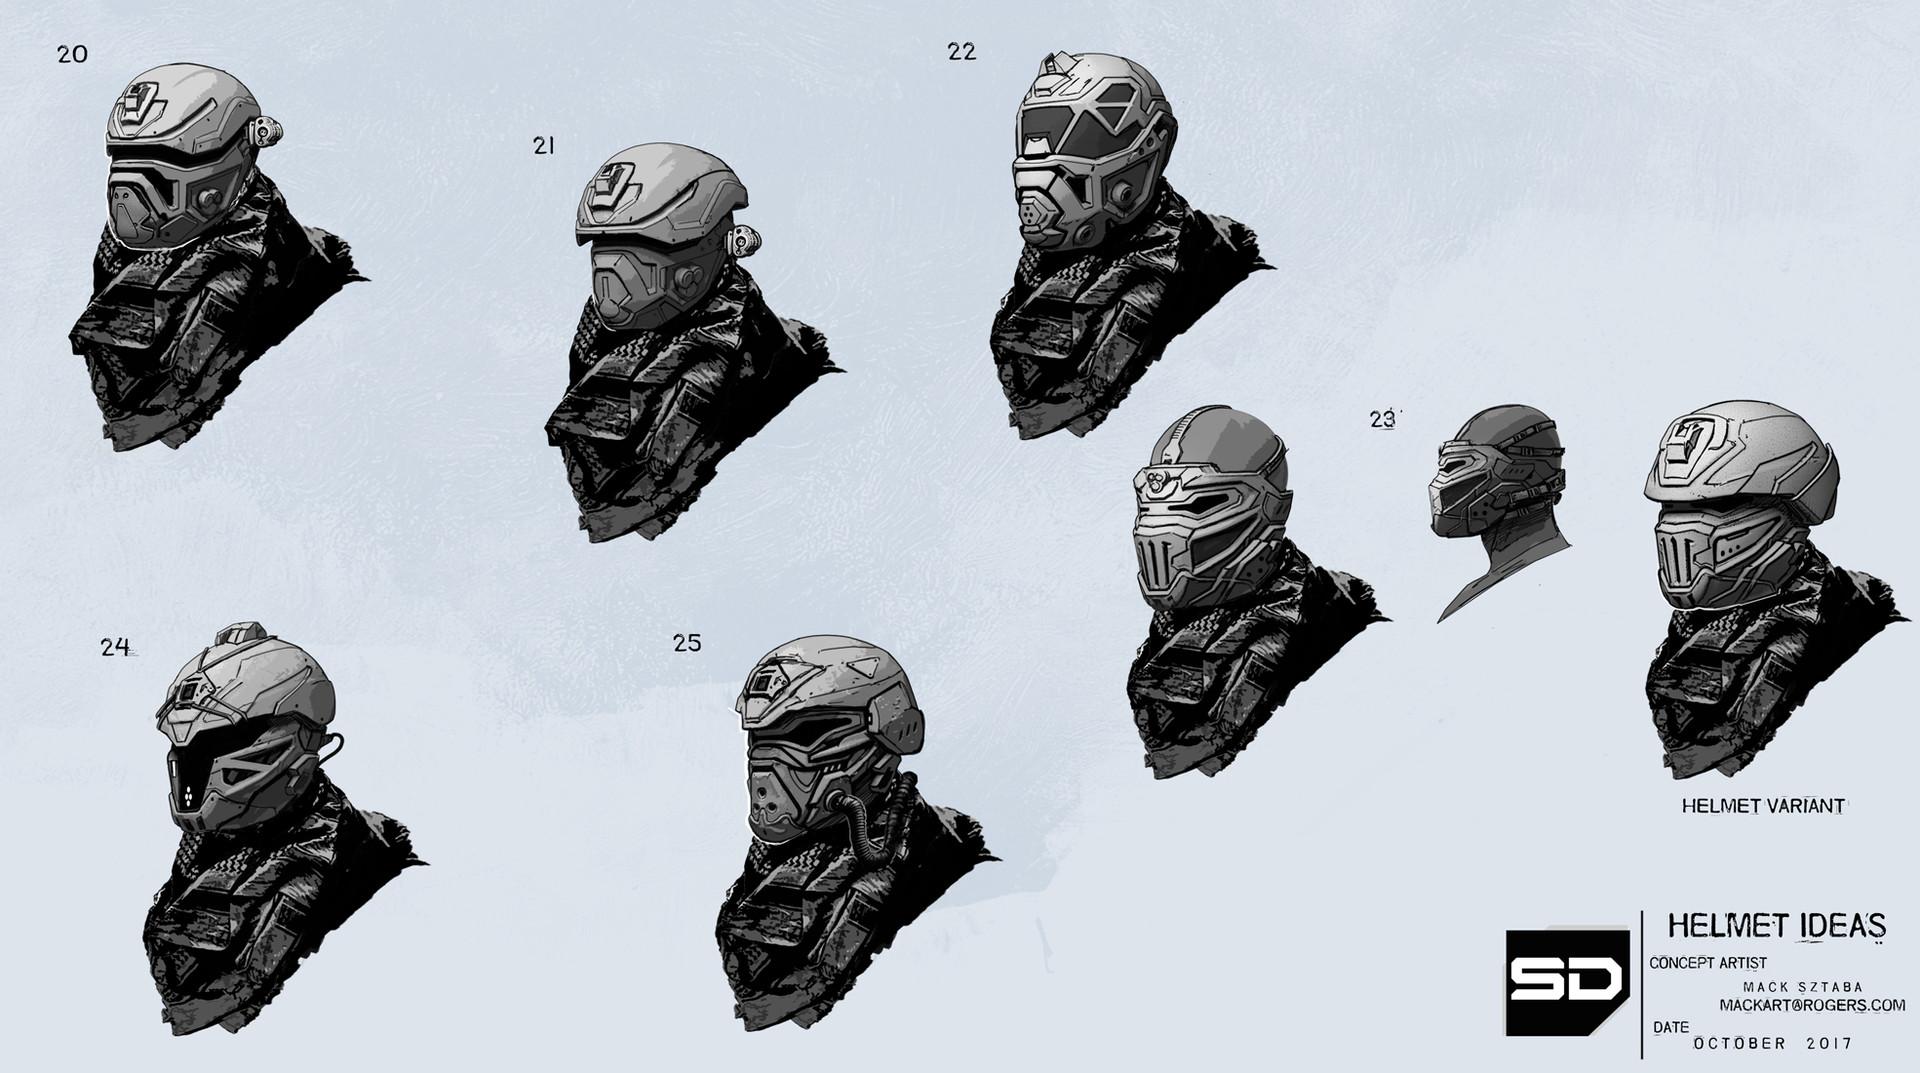 Mack sztaba helmet ideas 4